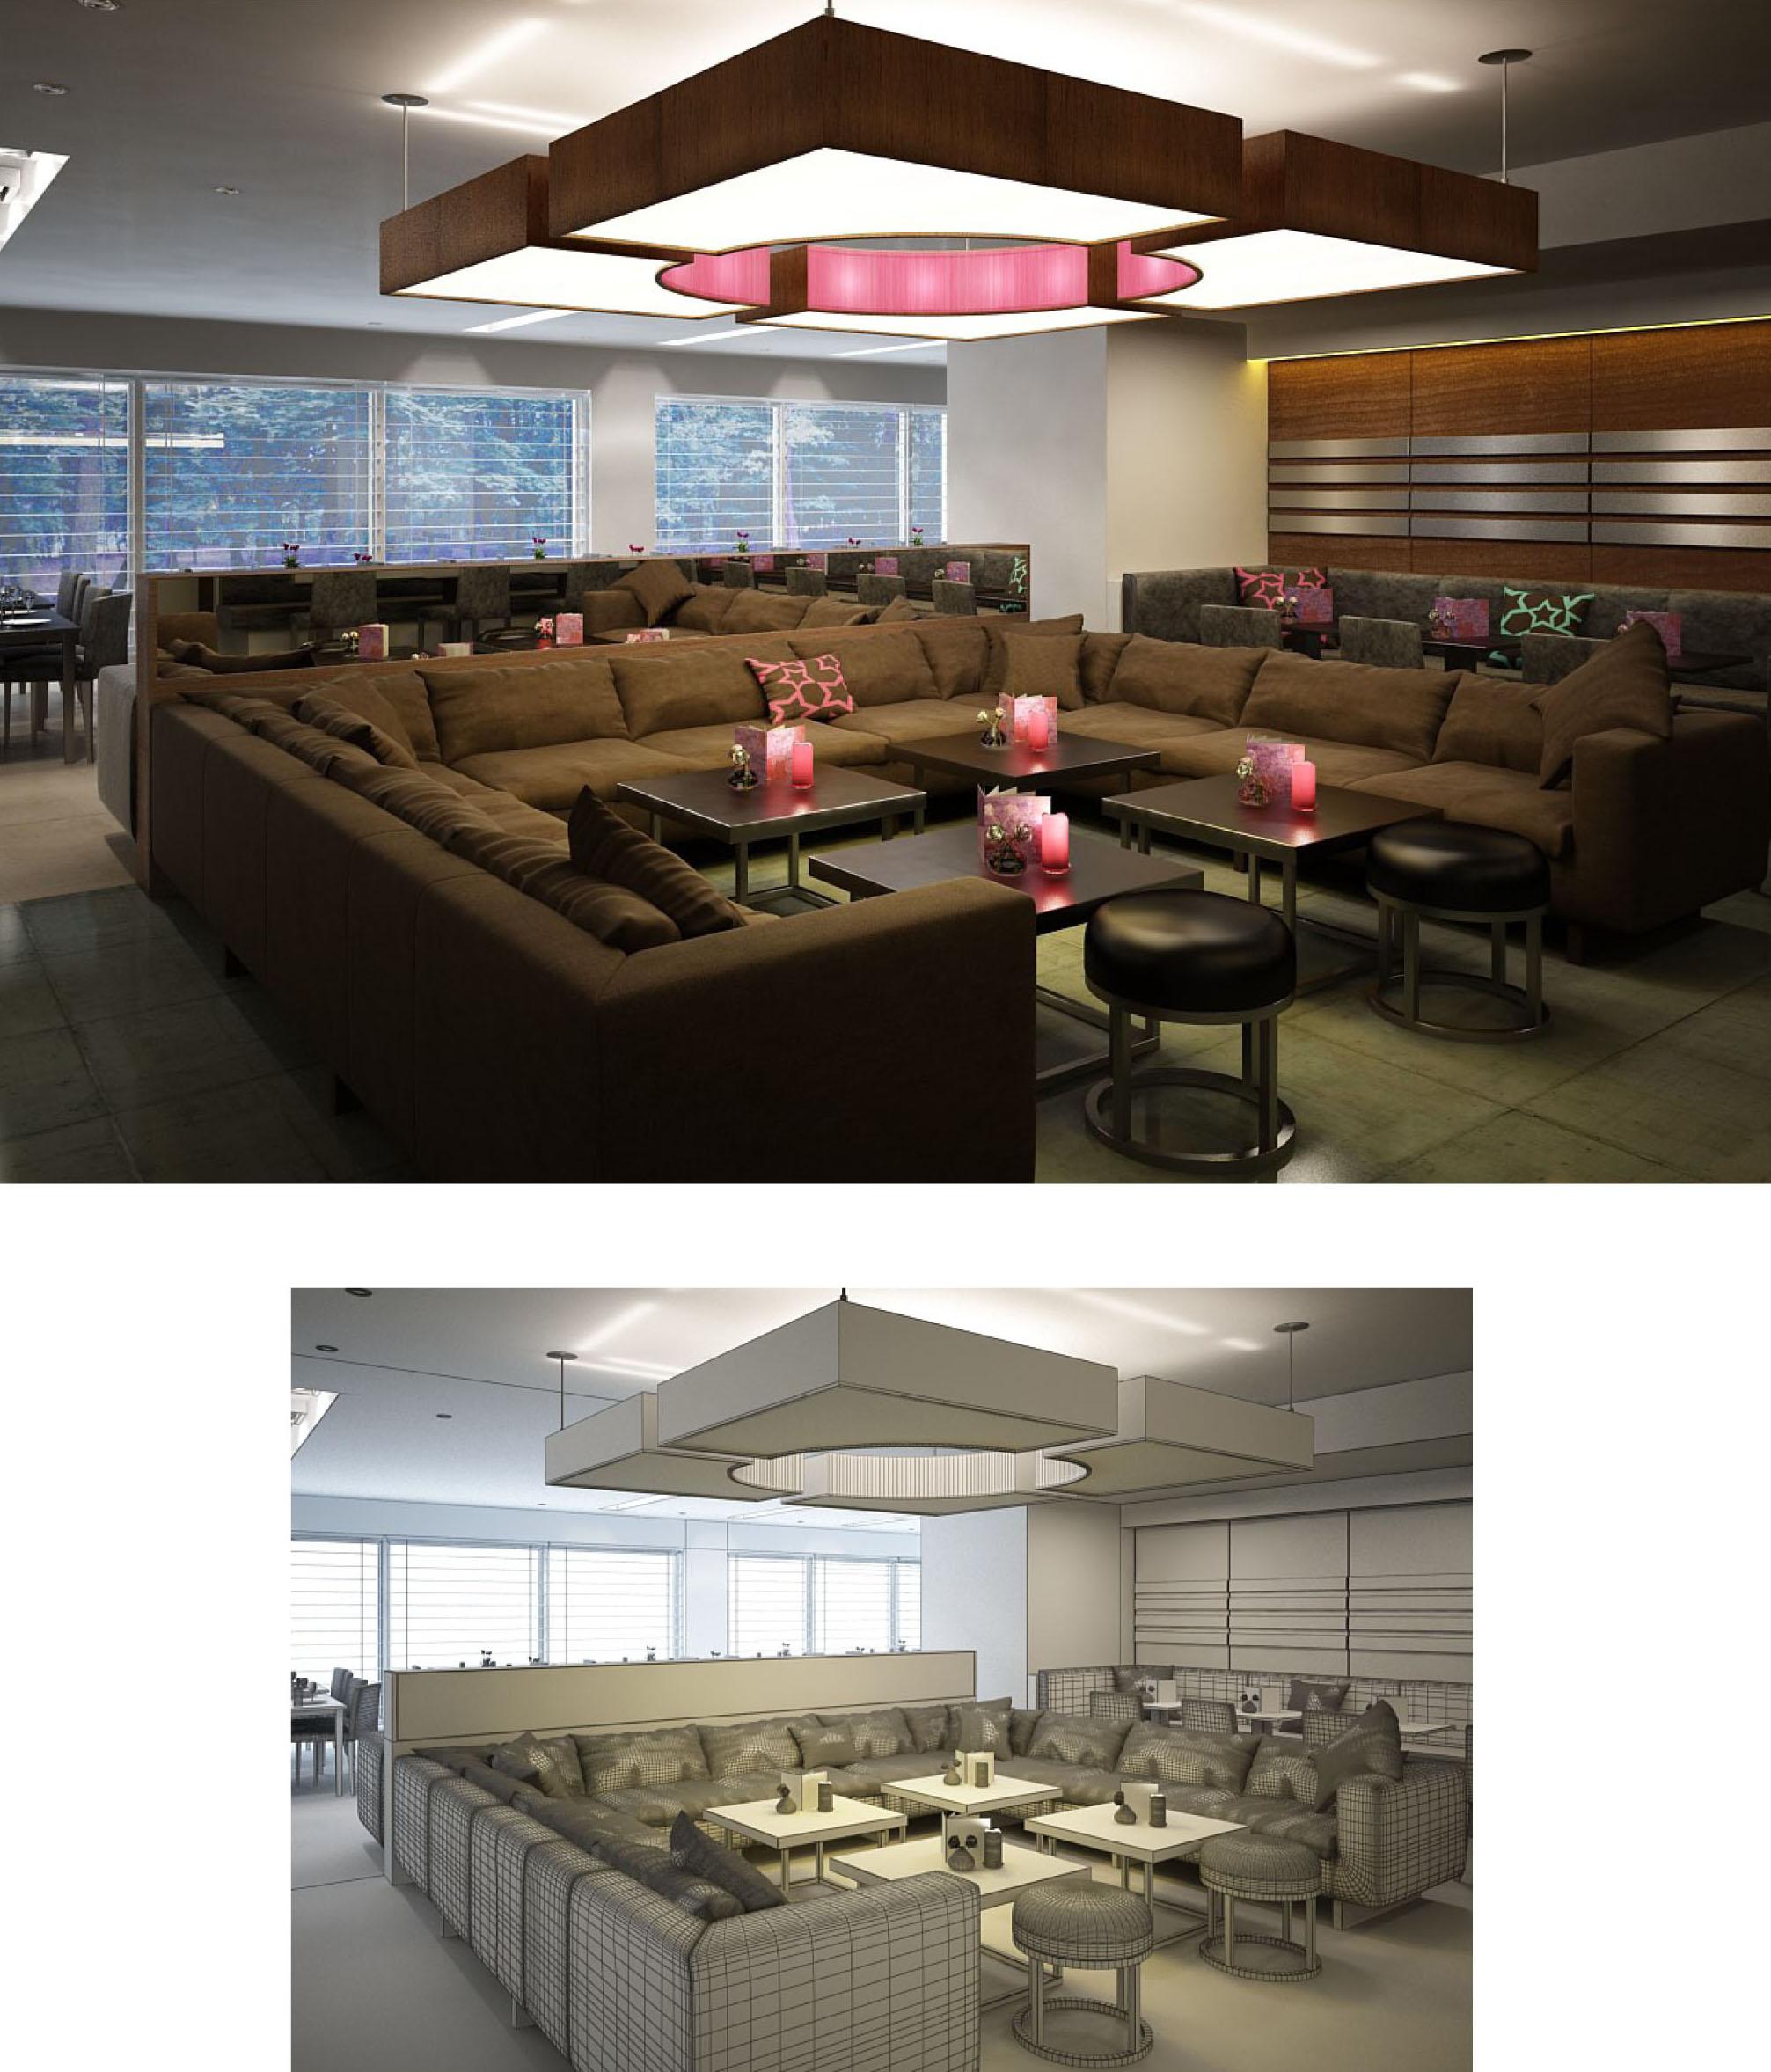 Thiết kế quán cafe, bar đẹp sang trọng